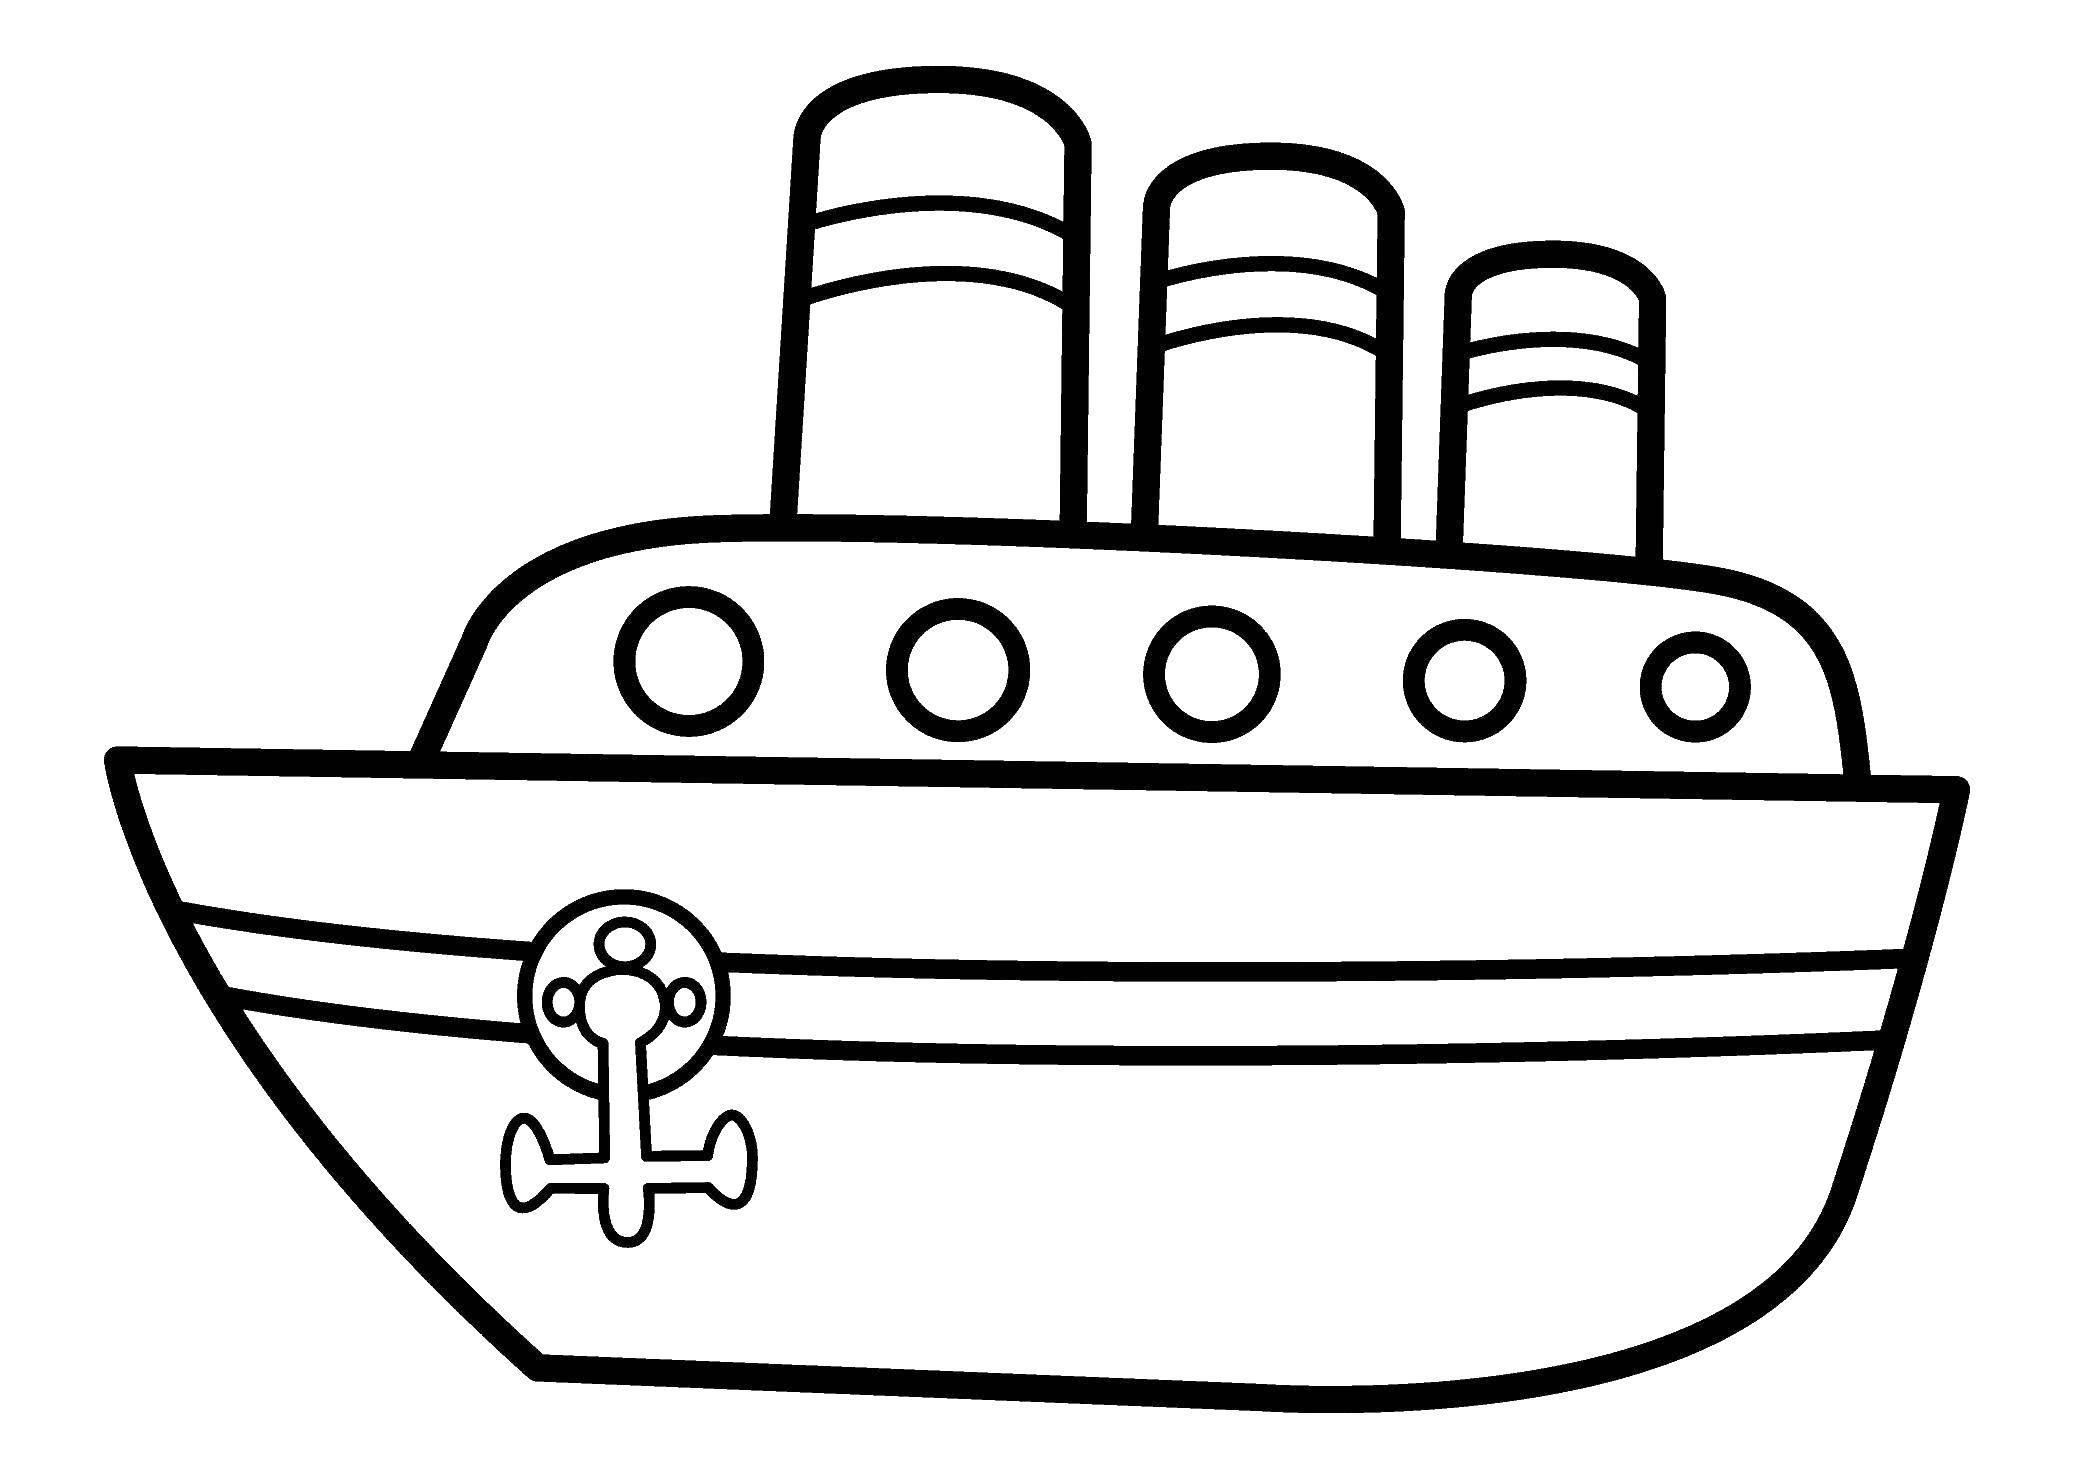 Раскраски кораблик, Раскраска Кораблик на воде Транспорт ...